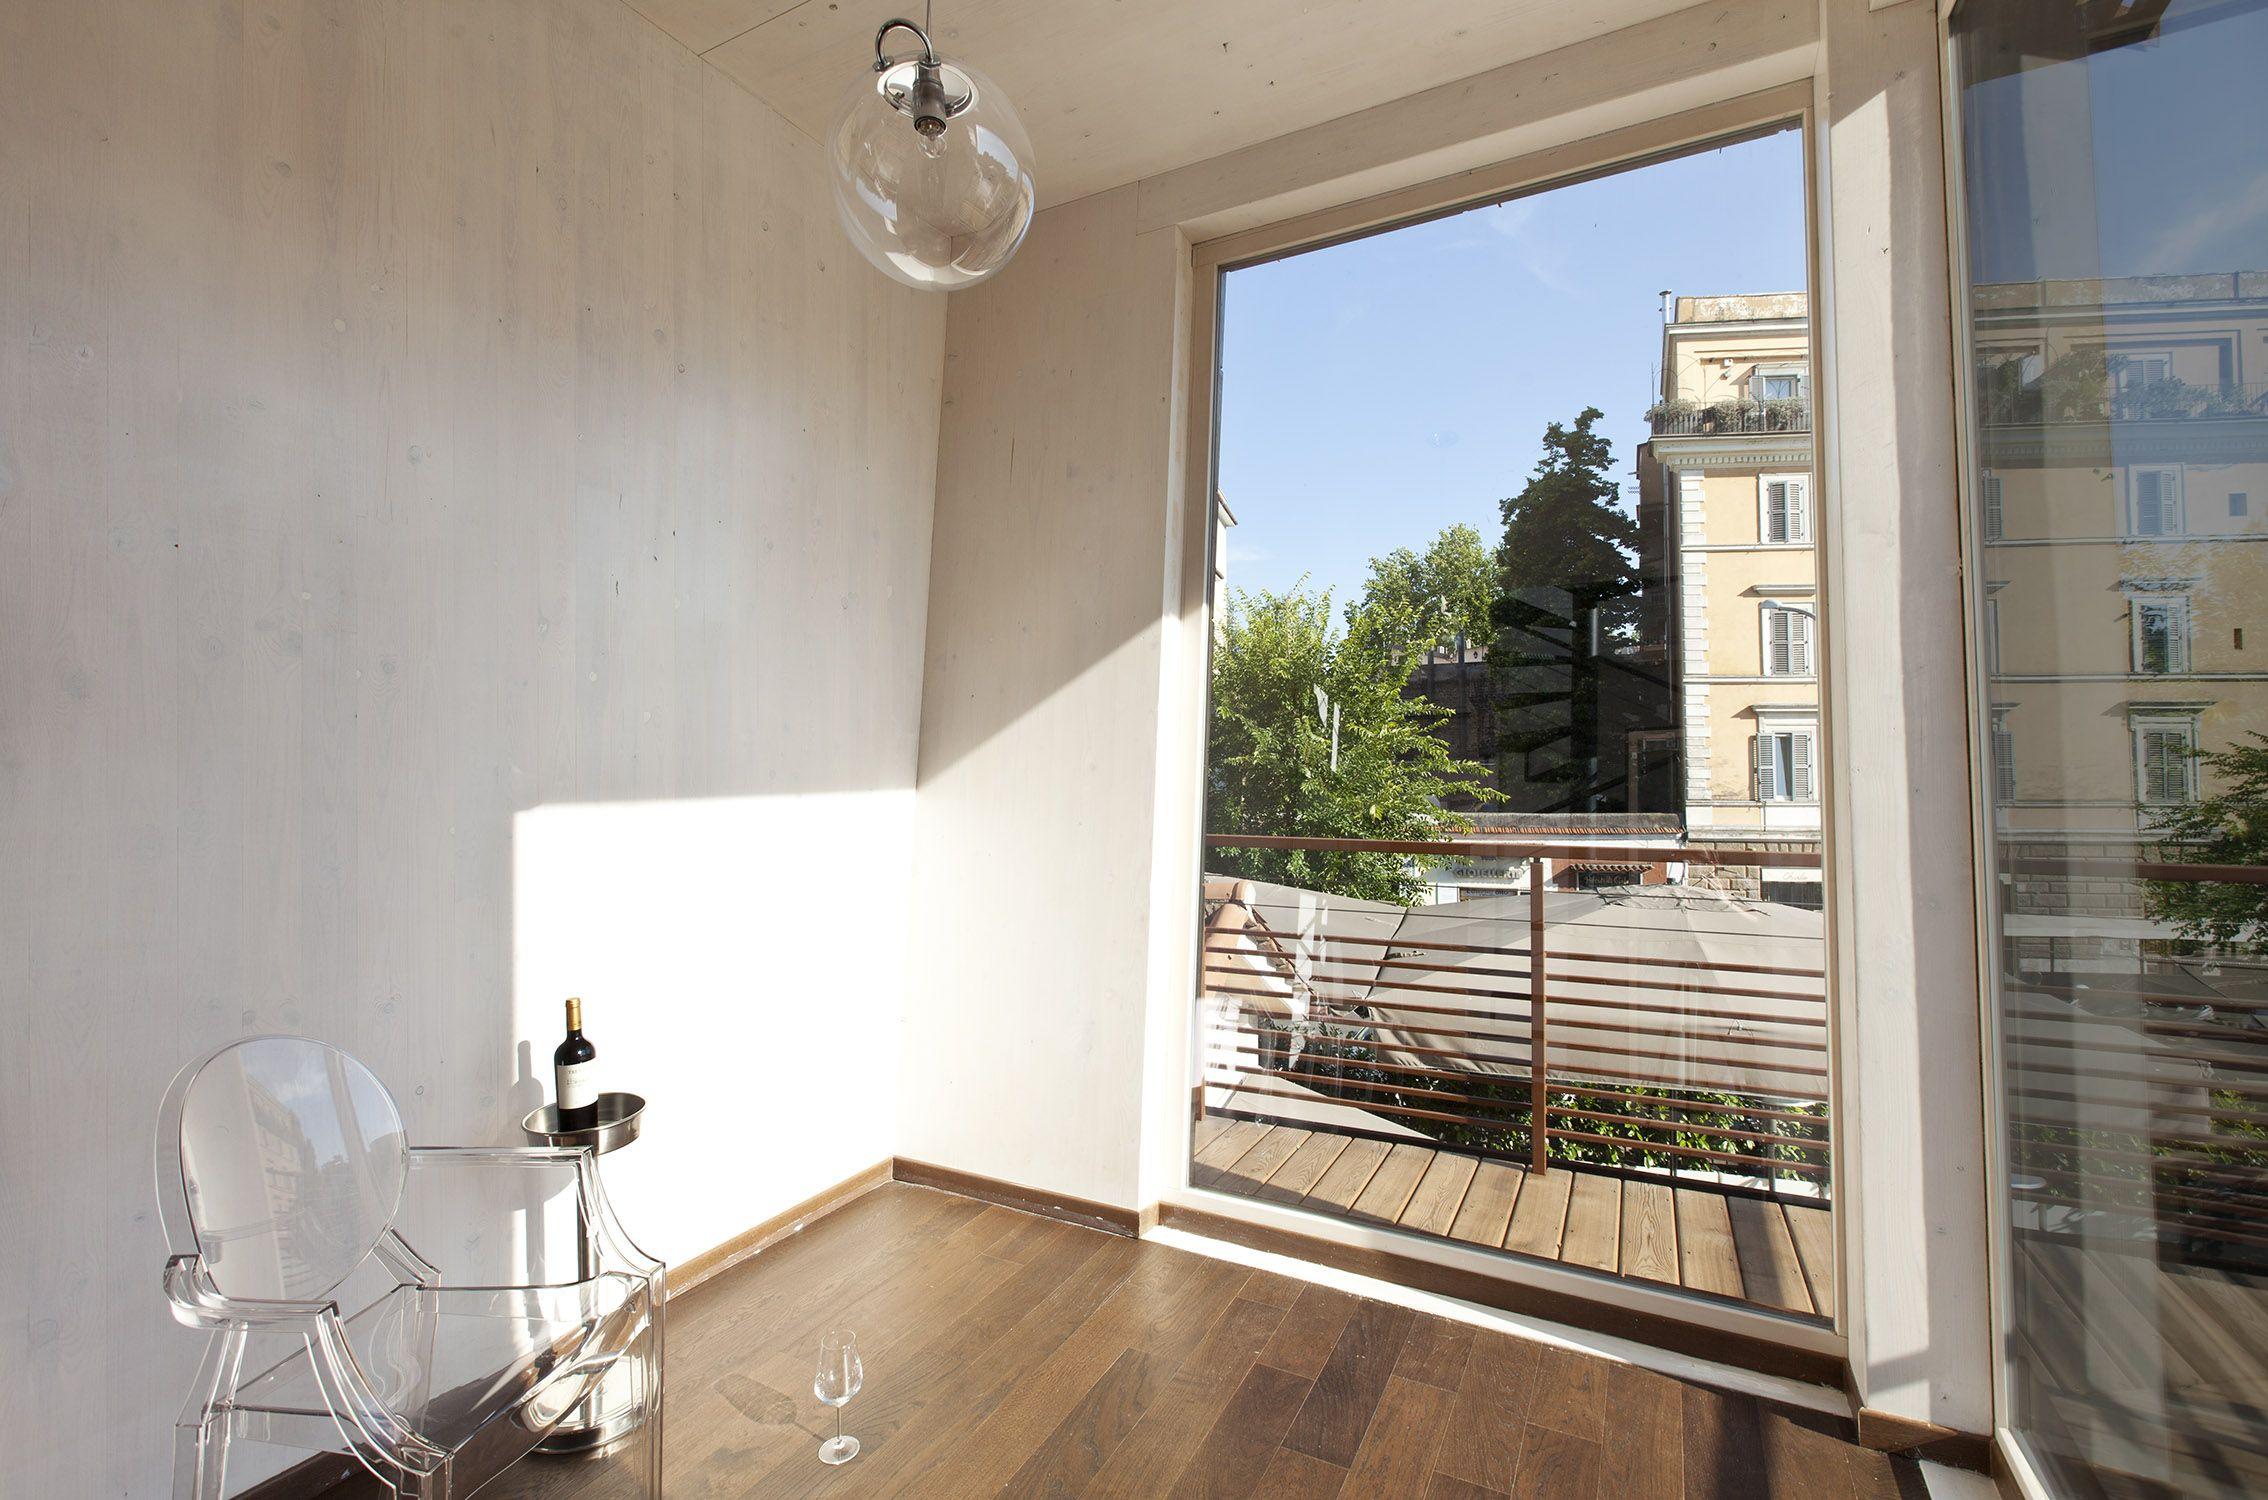 <h3>Zona V.I.P. nella Torretta_ legno strutturale a vista e visuale sul quartiere</h3>